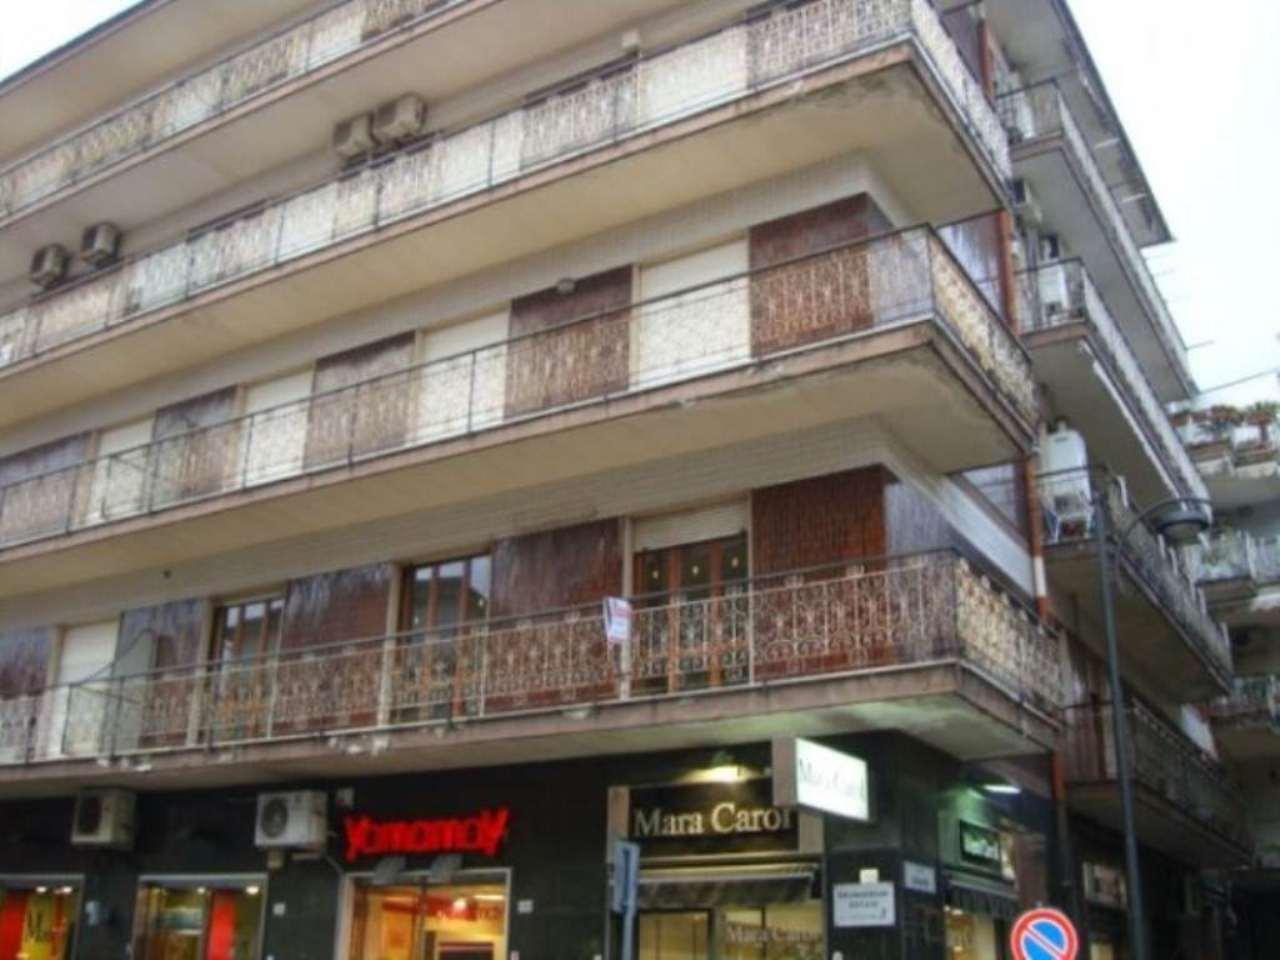 Ufficio / Studio in affitto a Frattamaggiore, 6 locali, prezzo € 1.000 | Cambio Casa.it